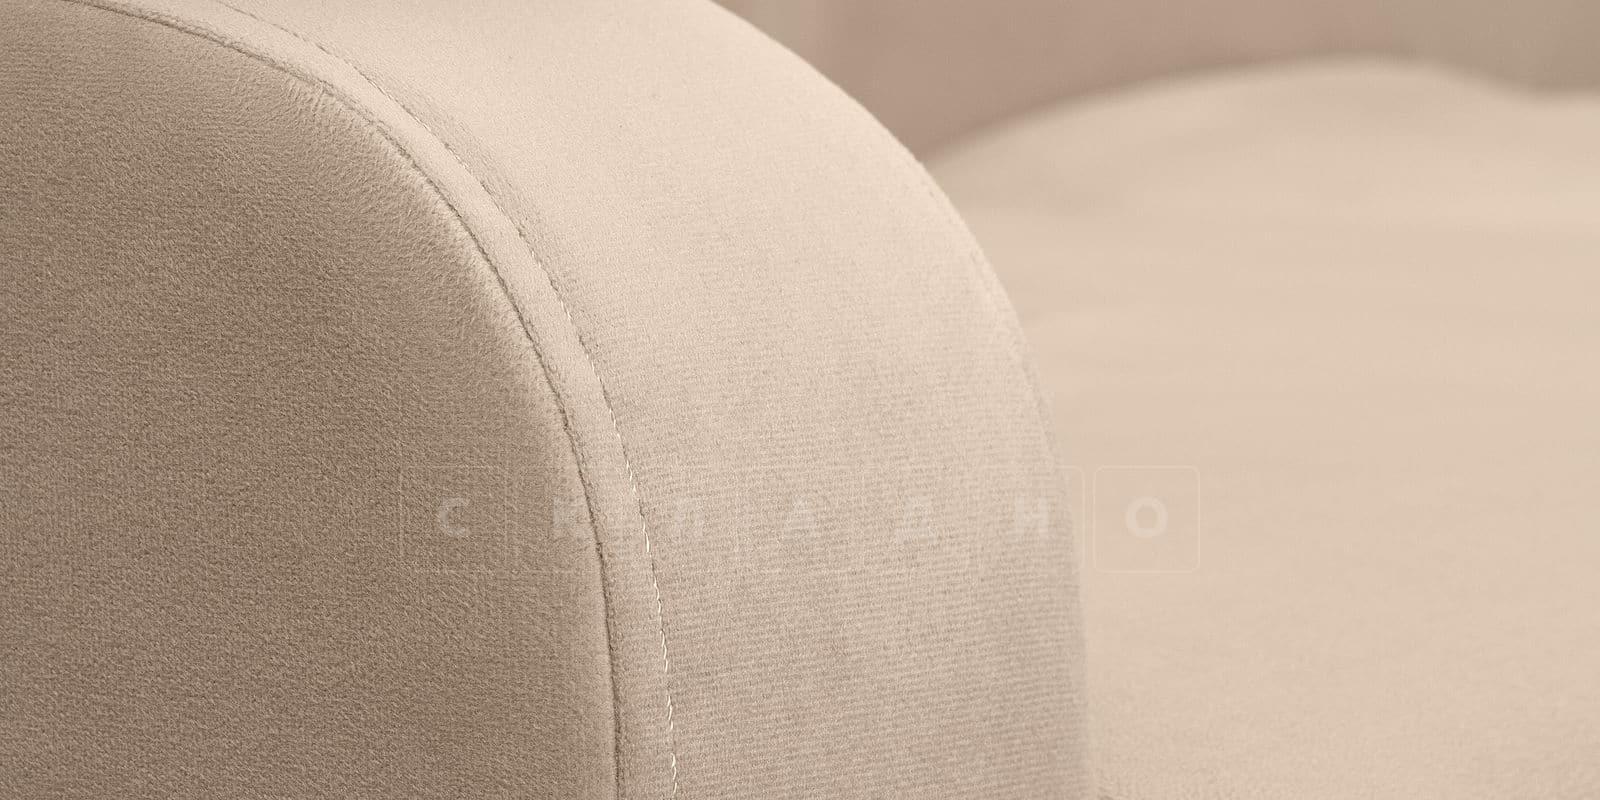 Диван прямой Денвер велюр бежевый фото 5 | интернет-магазин Складно